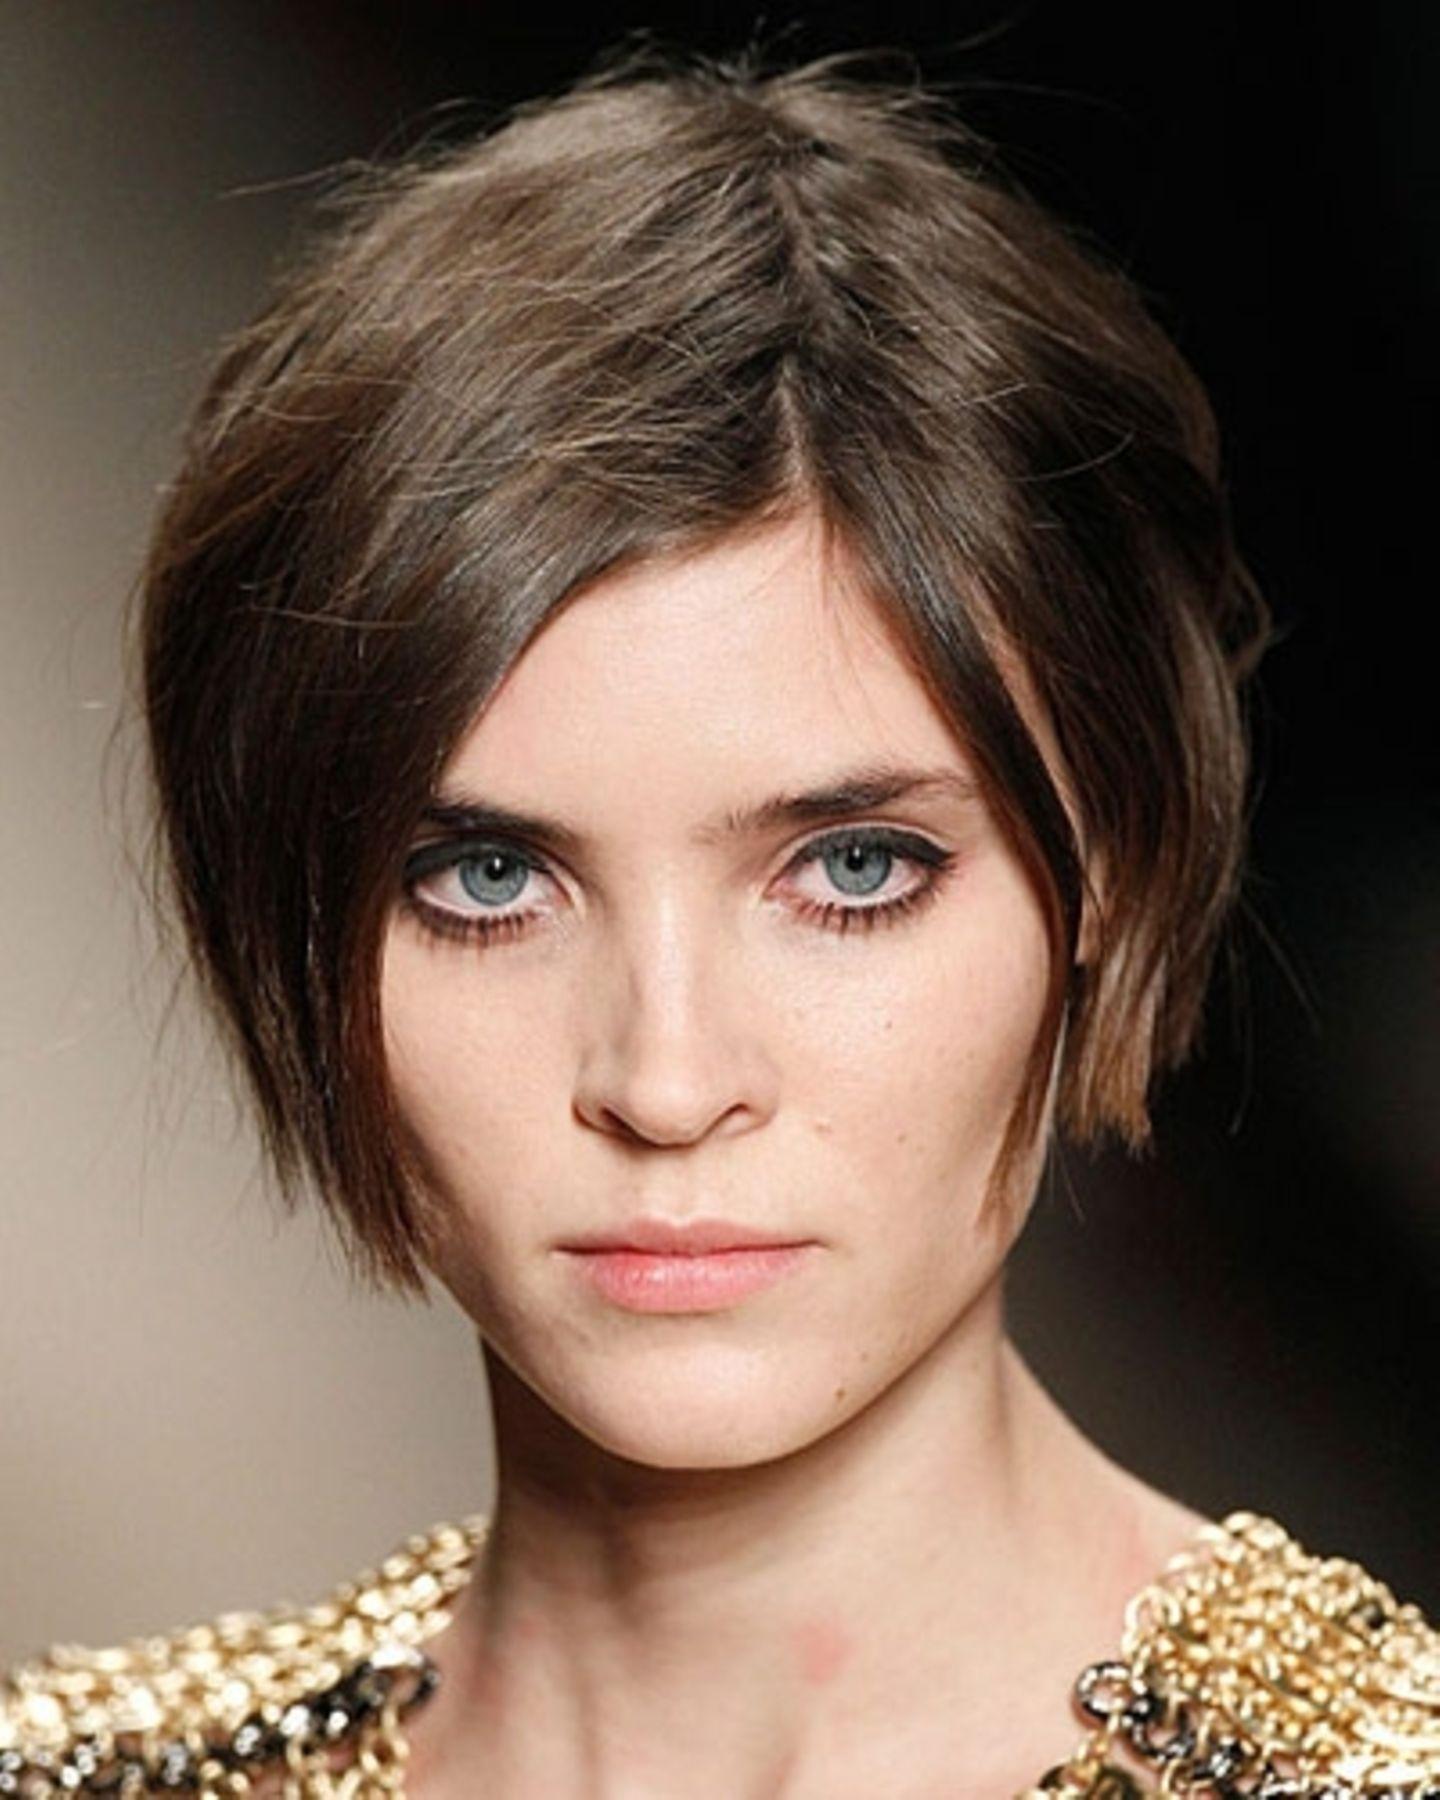 Sexy Frisur, weil: Diese Frisur den Hals so wunderschön betont.